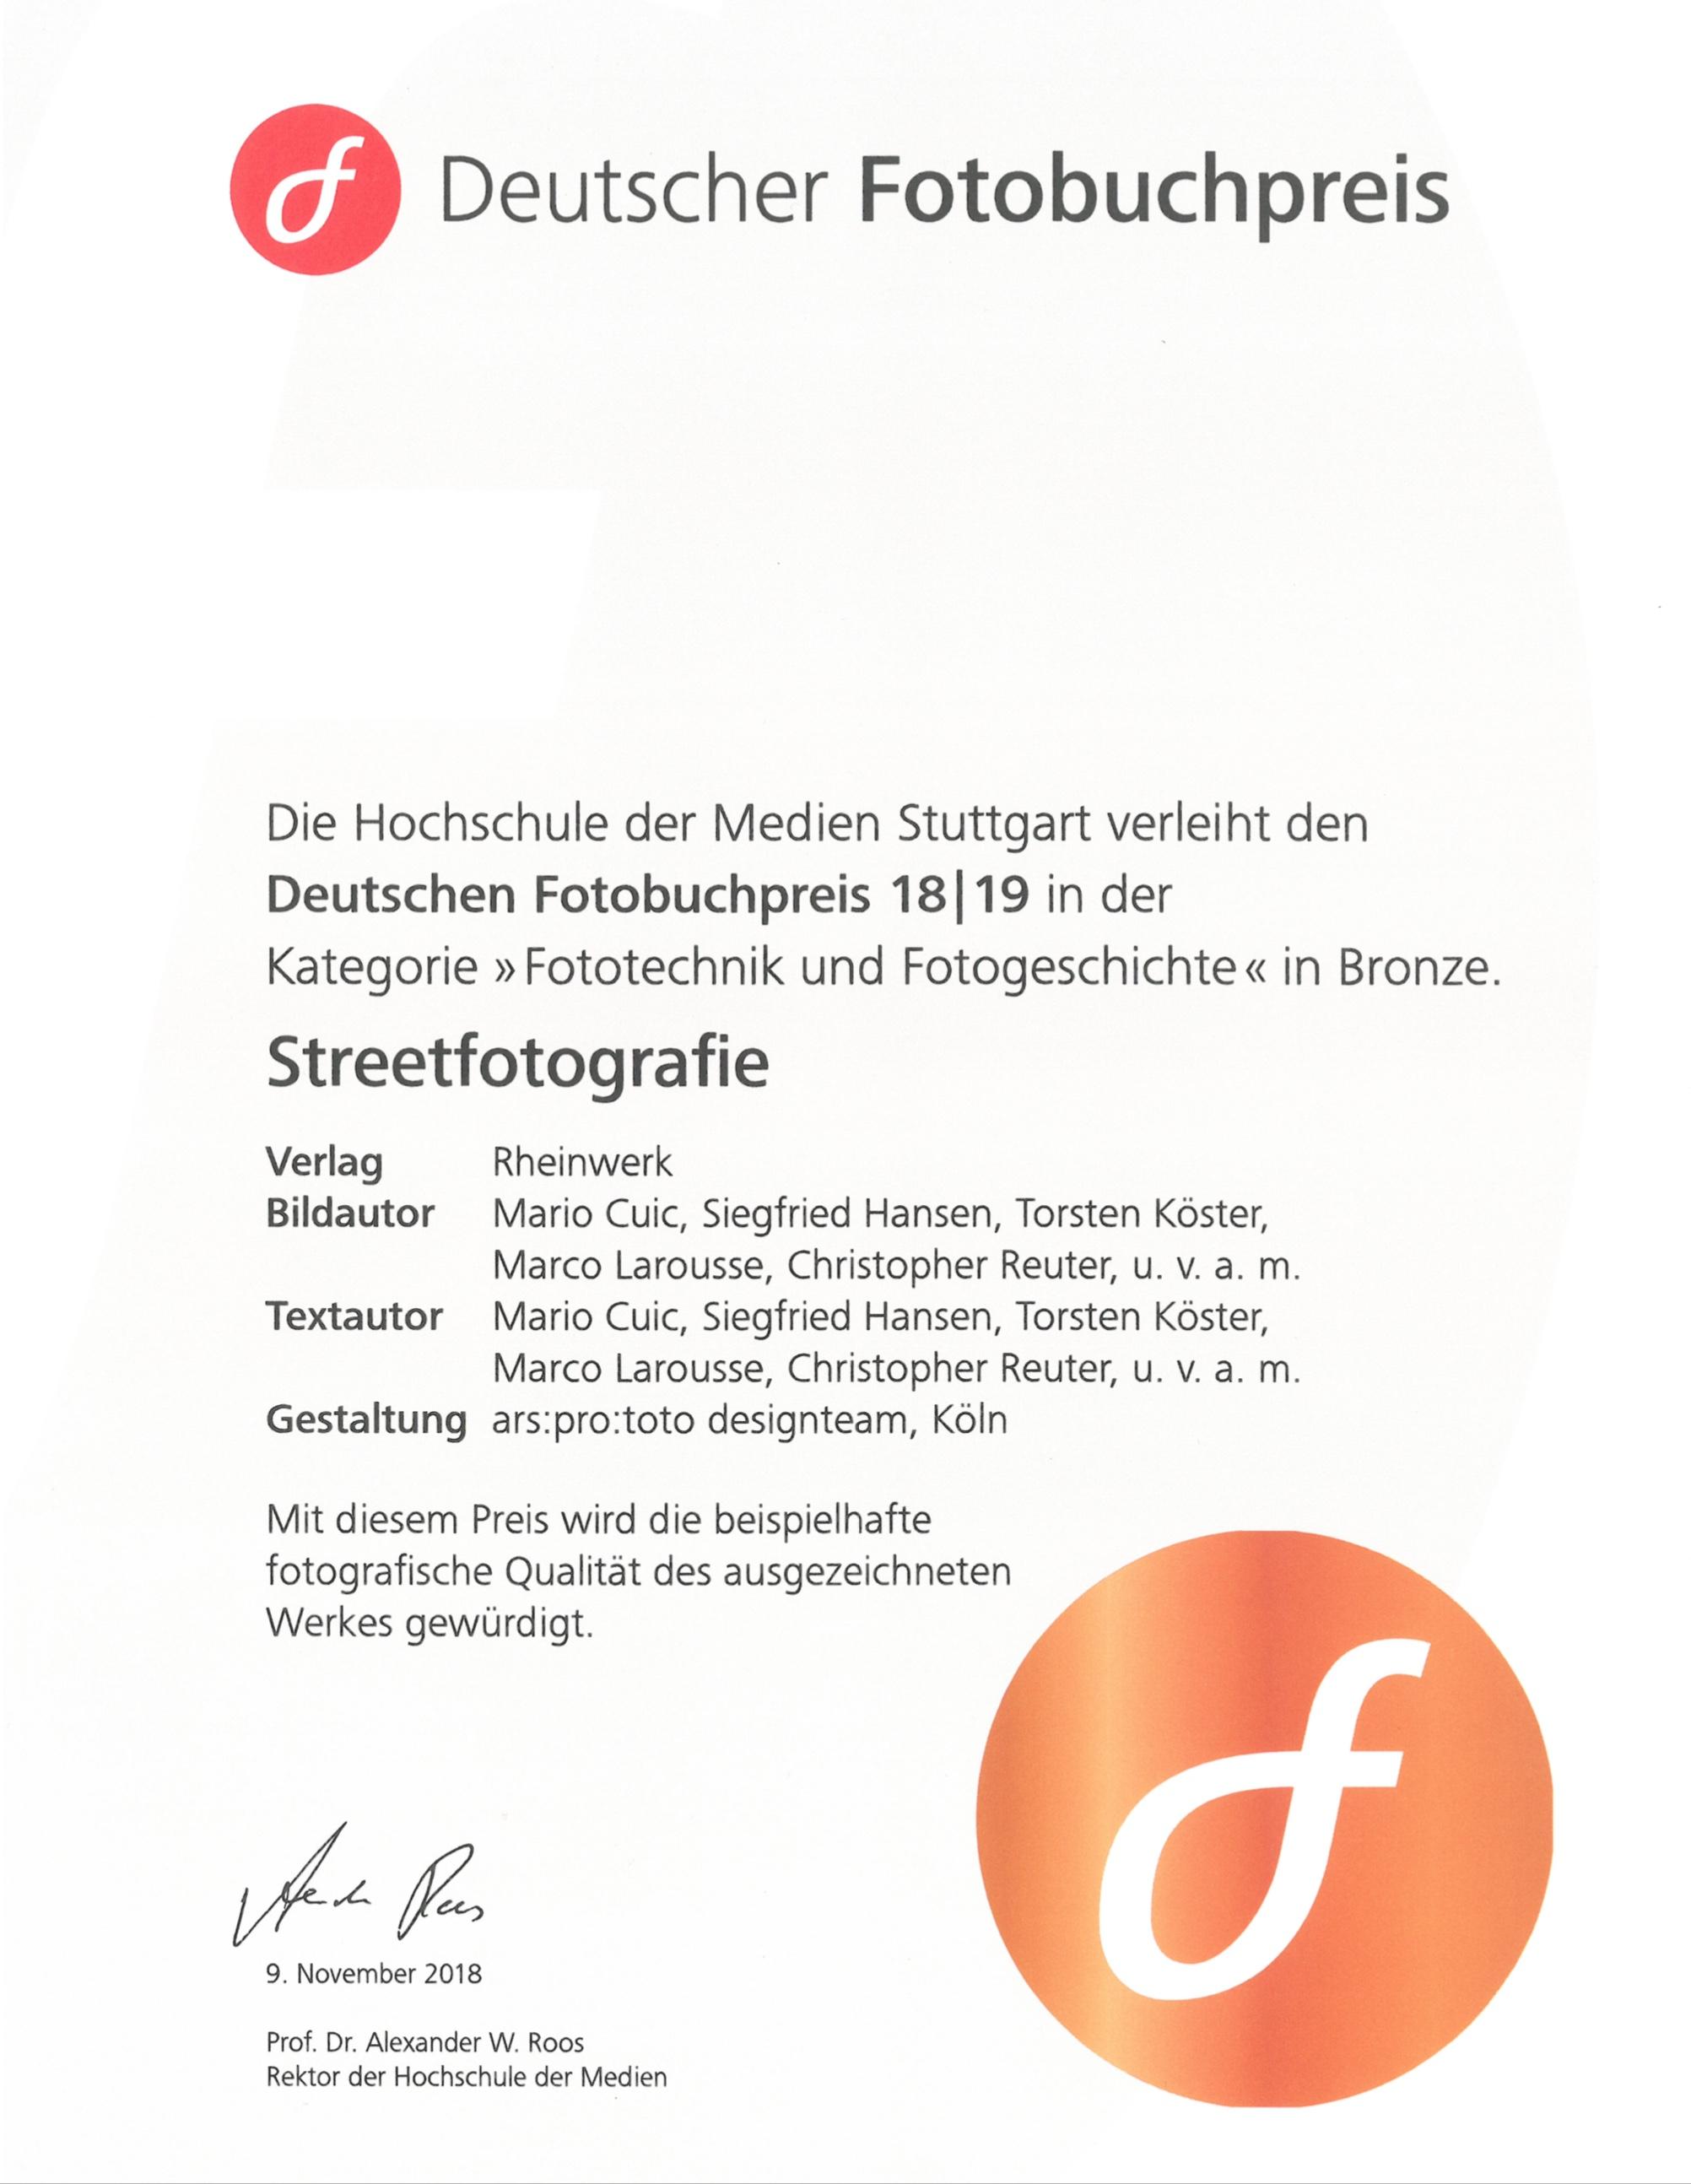 Deutscher Fotobuchpreis 2018_2019 Streetfotografie made in Germany.jpg